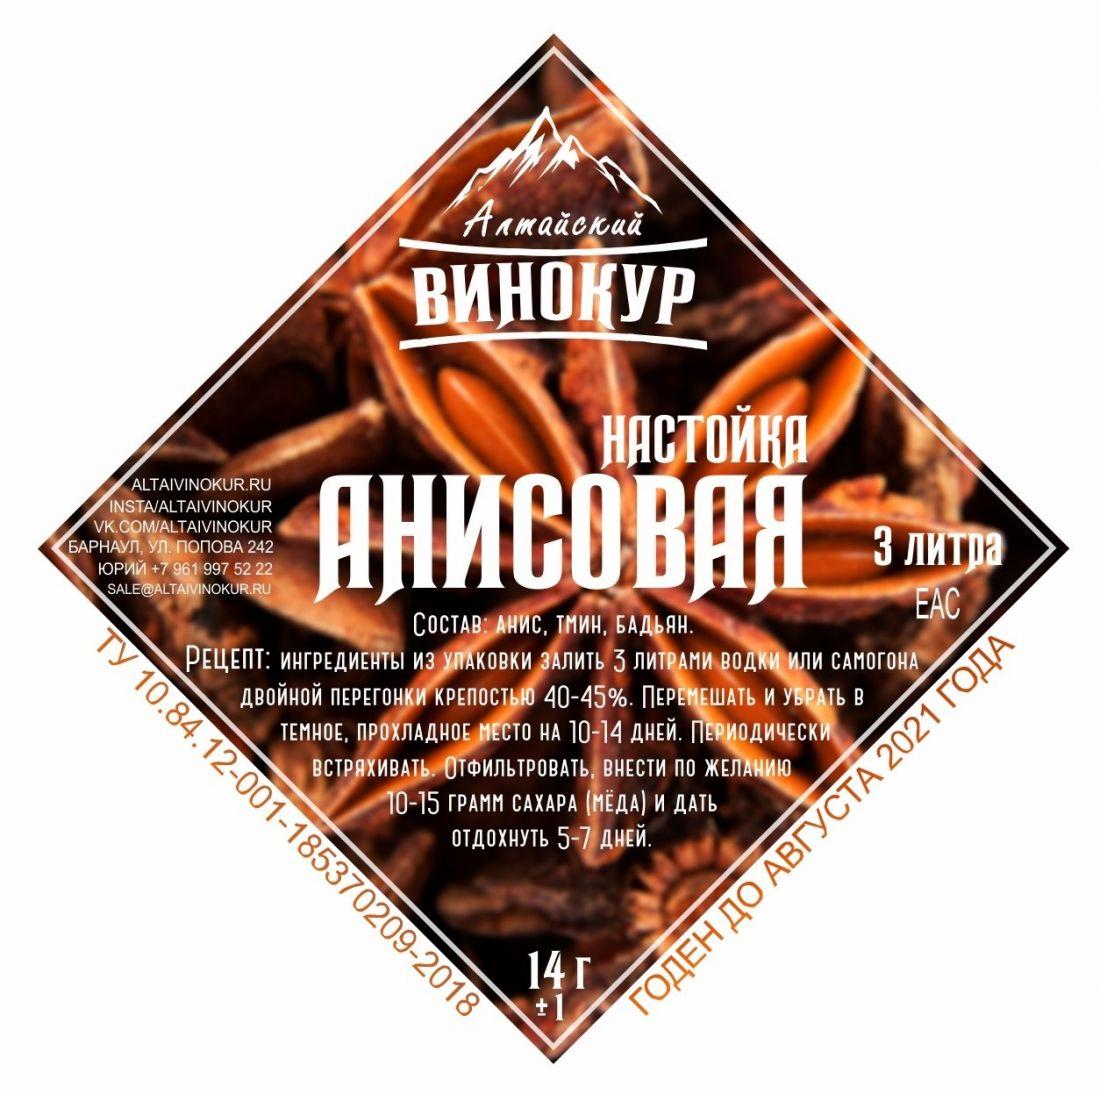 Набор Анисовка (Алтайский Винокур)